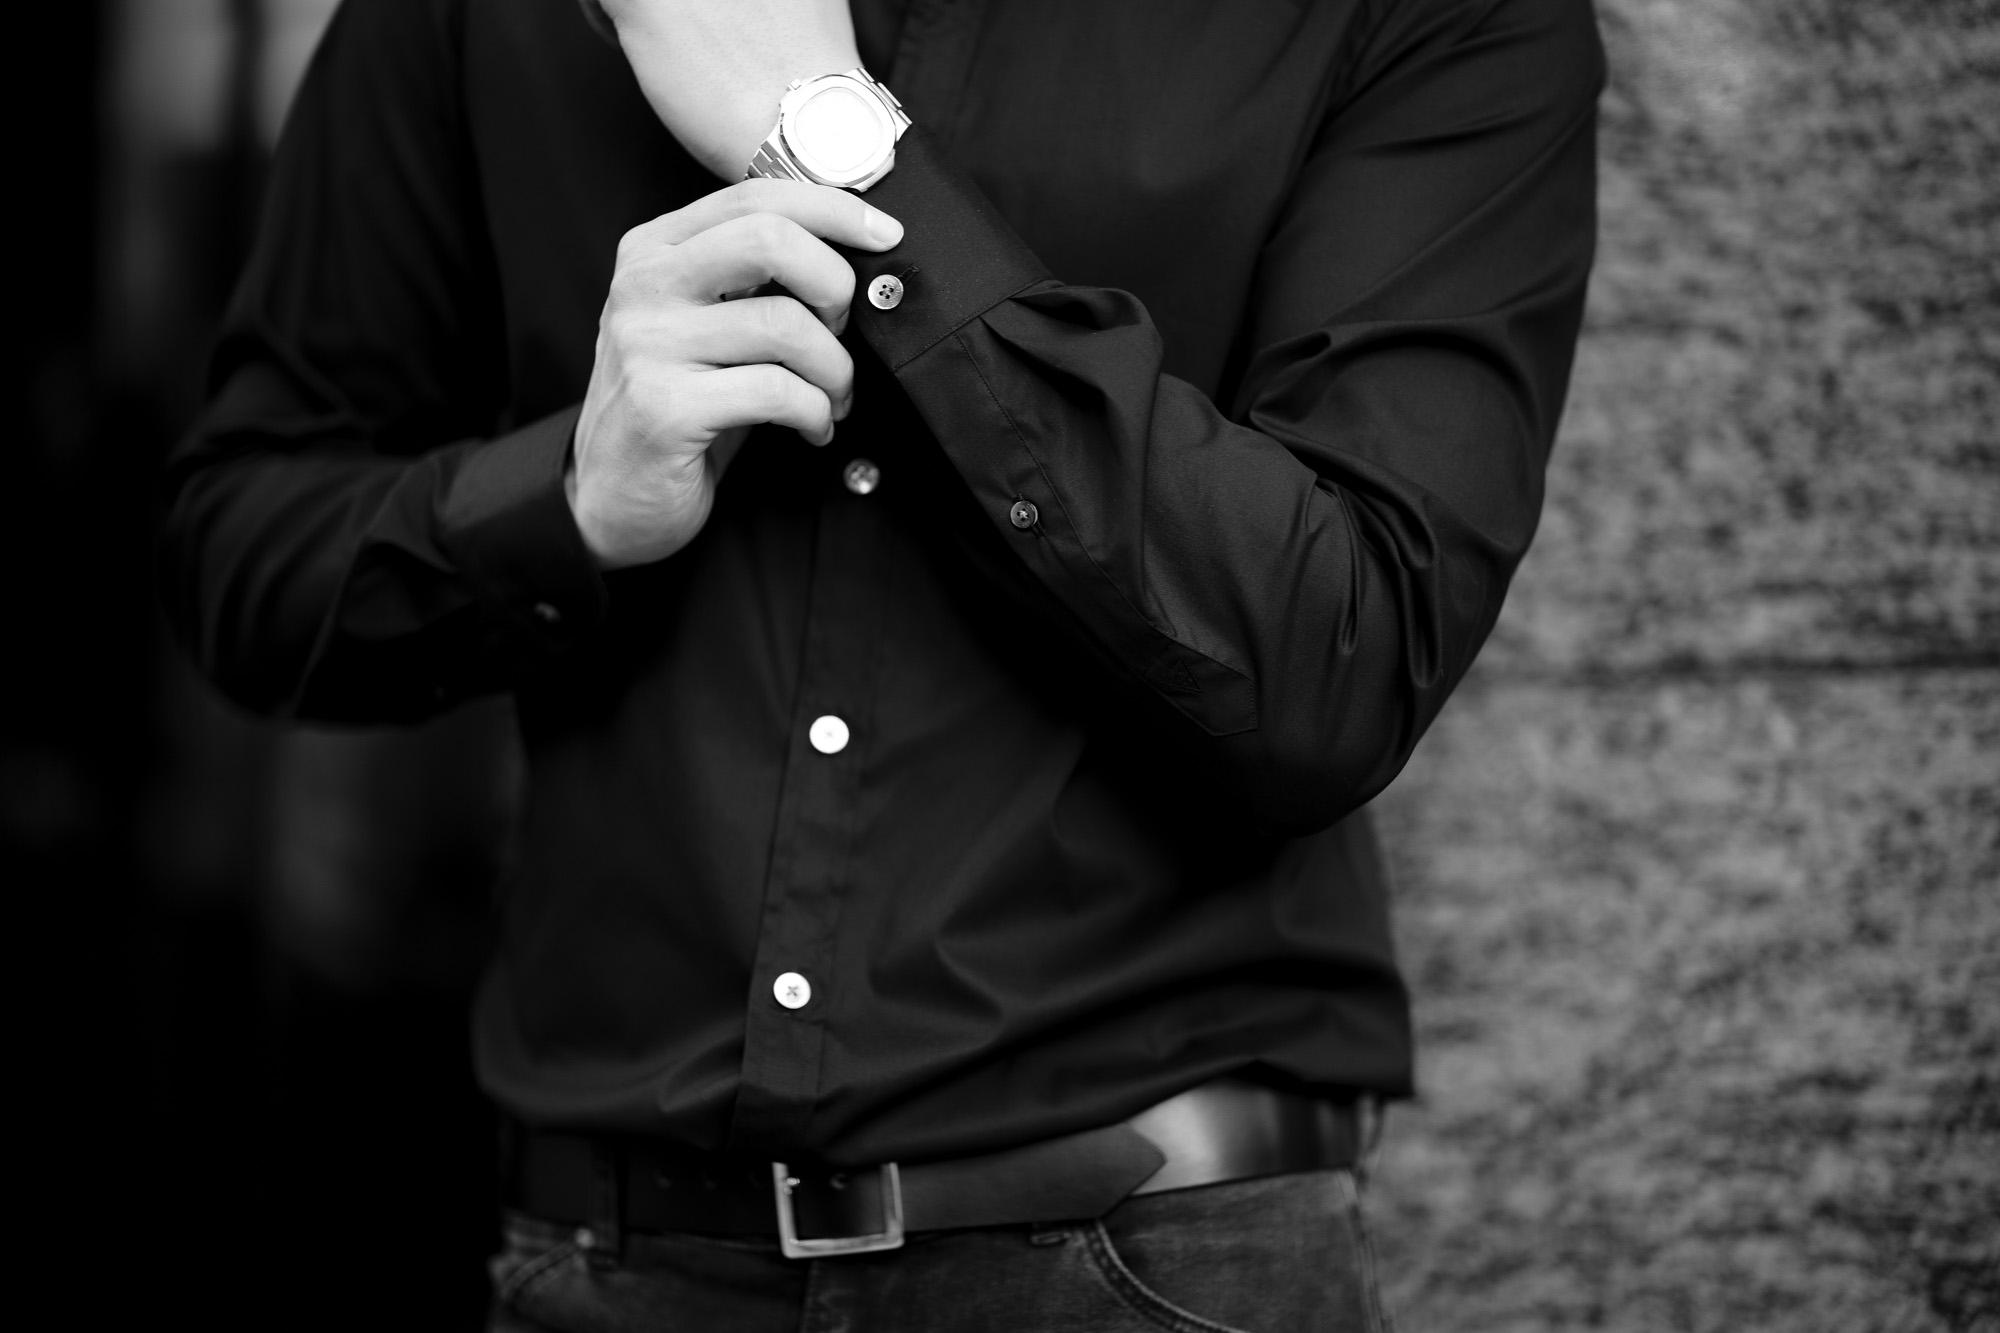 FIXER FST-01 フィクサー エフエスティー01 SHIRTS シャツ COTTON STRETCH コットンストレット BLACK ブラック ブラックシャツ 黒シャツ 愛知 名古屋 Alto e Diritto altoediritto アルトエデリット シャツ 黒シャツ